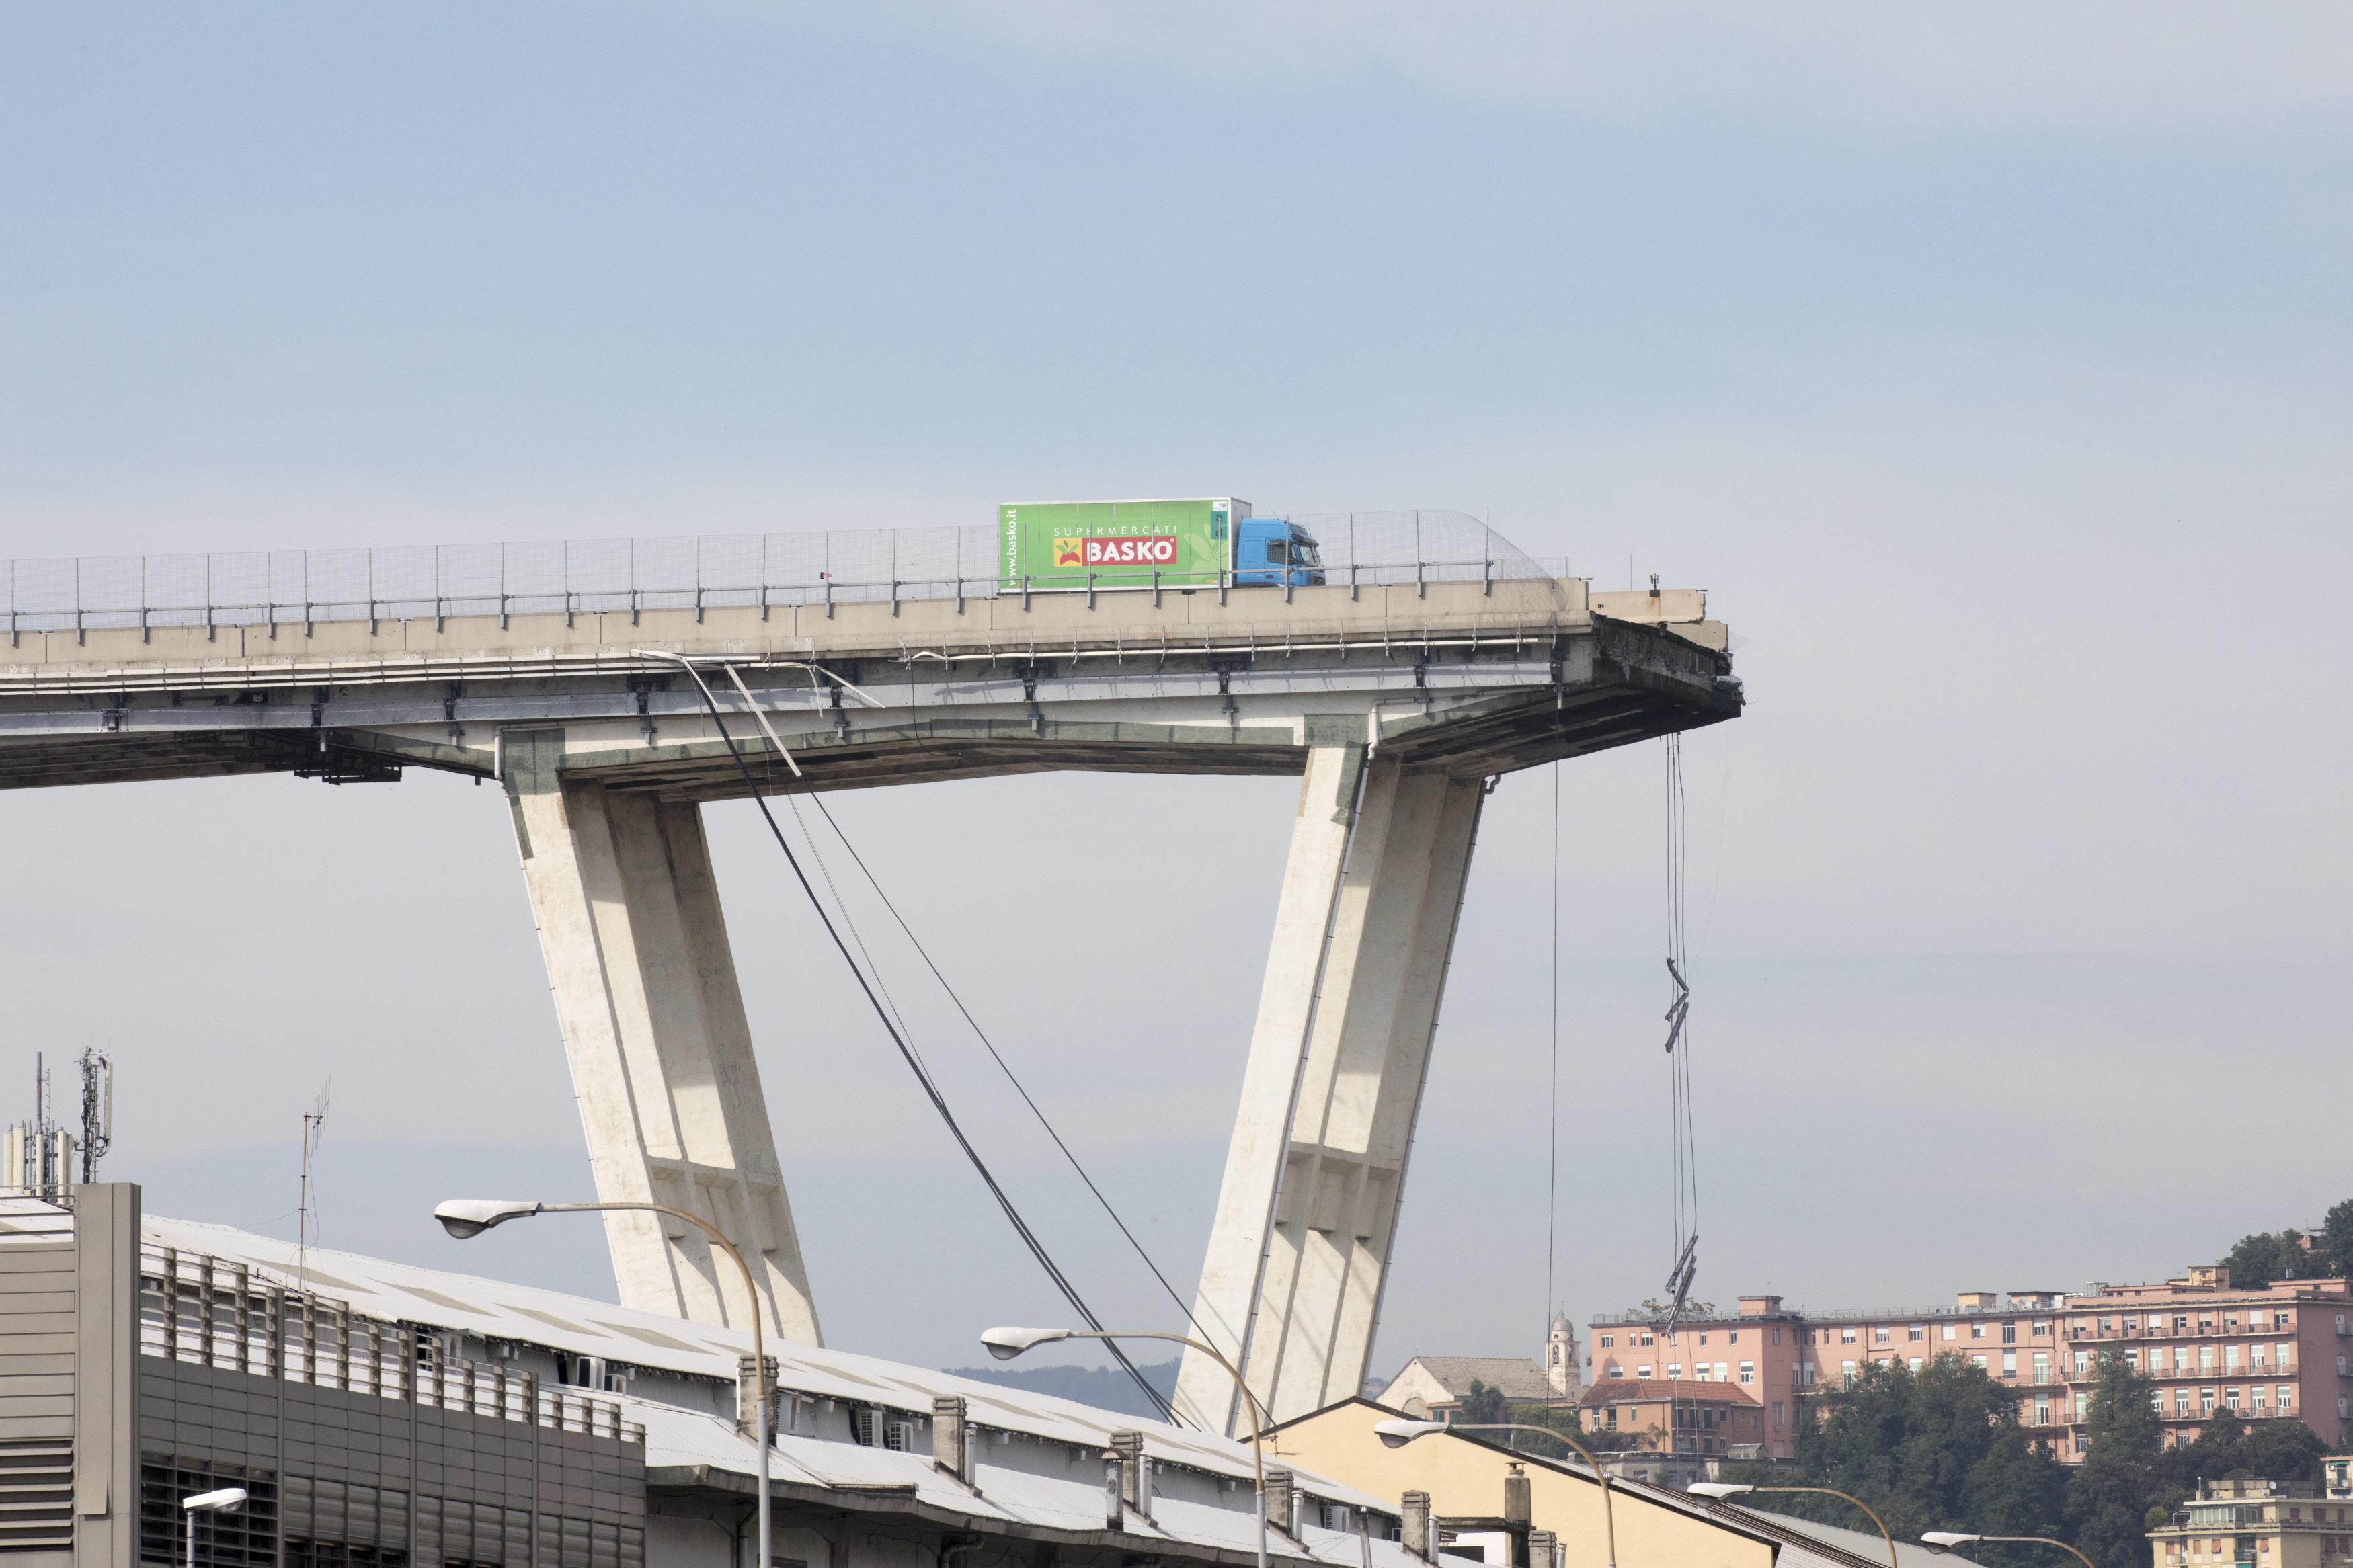 Lkw-Fahrer beschreibt, wie vor ihm die Brücke